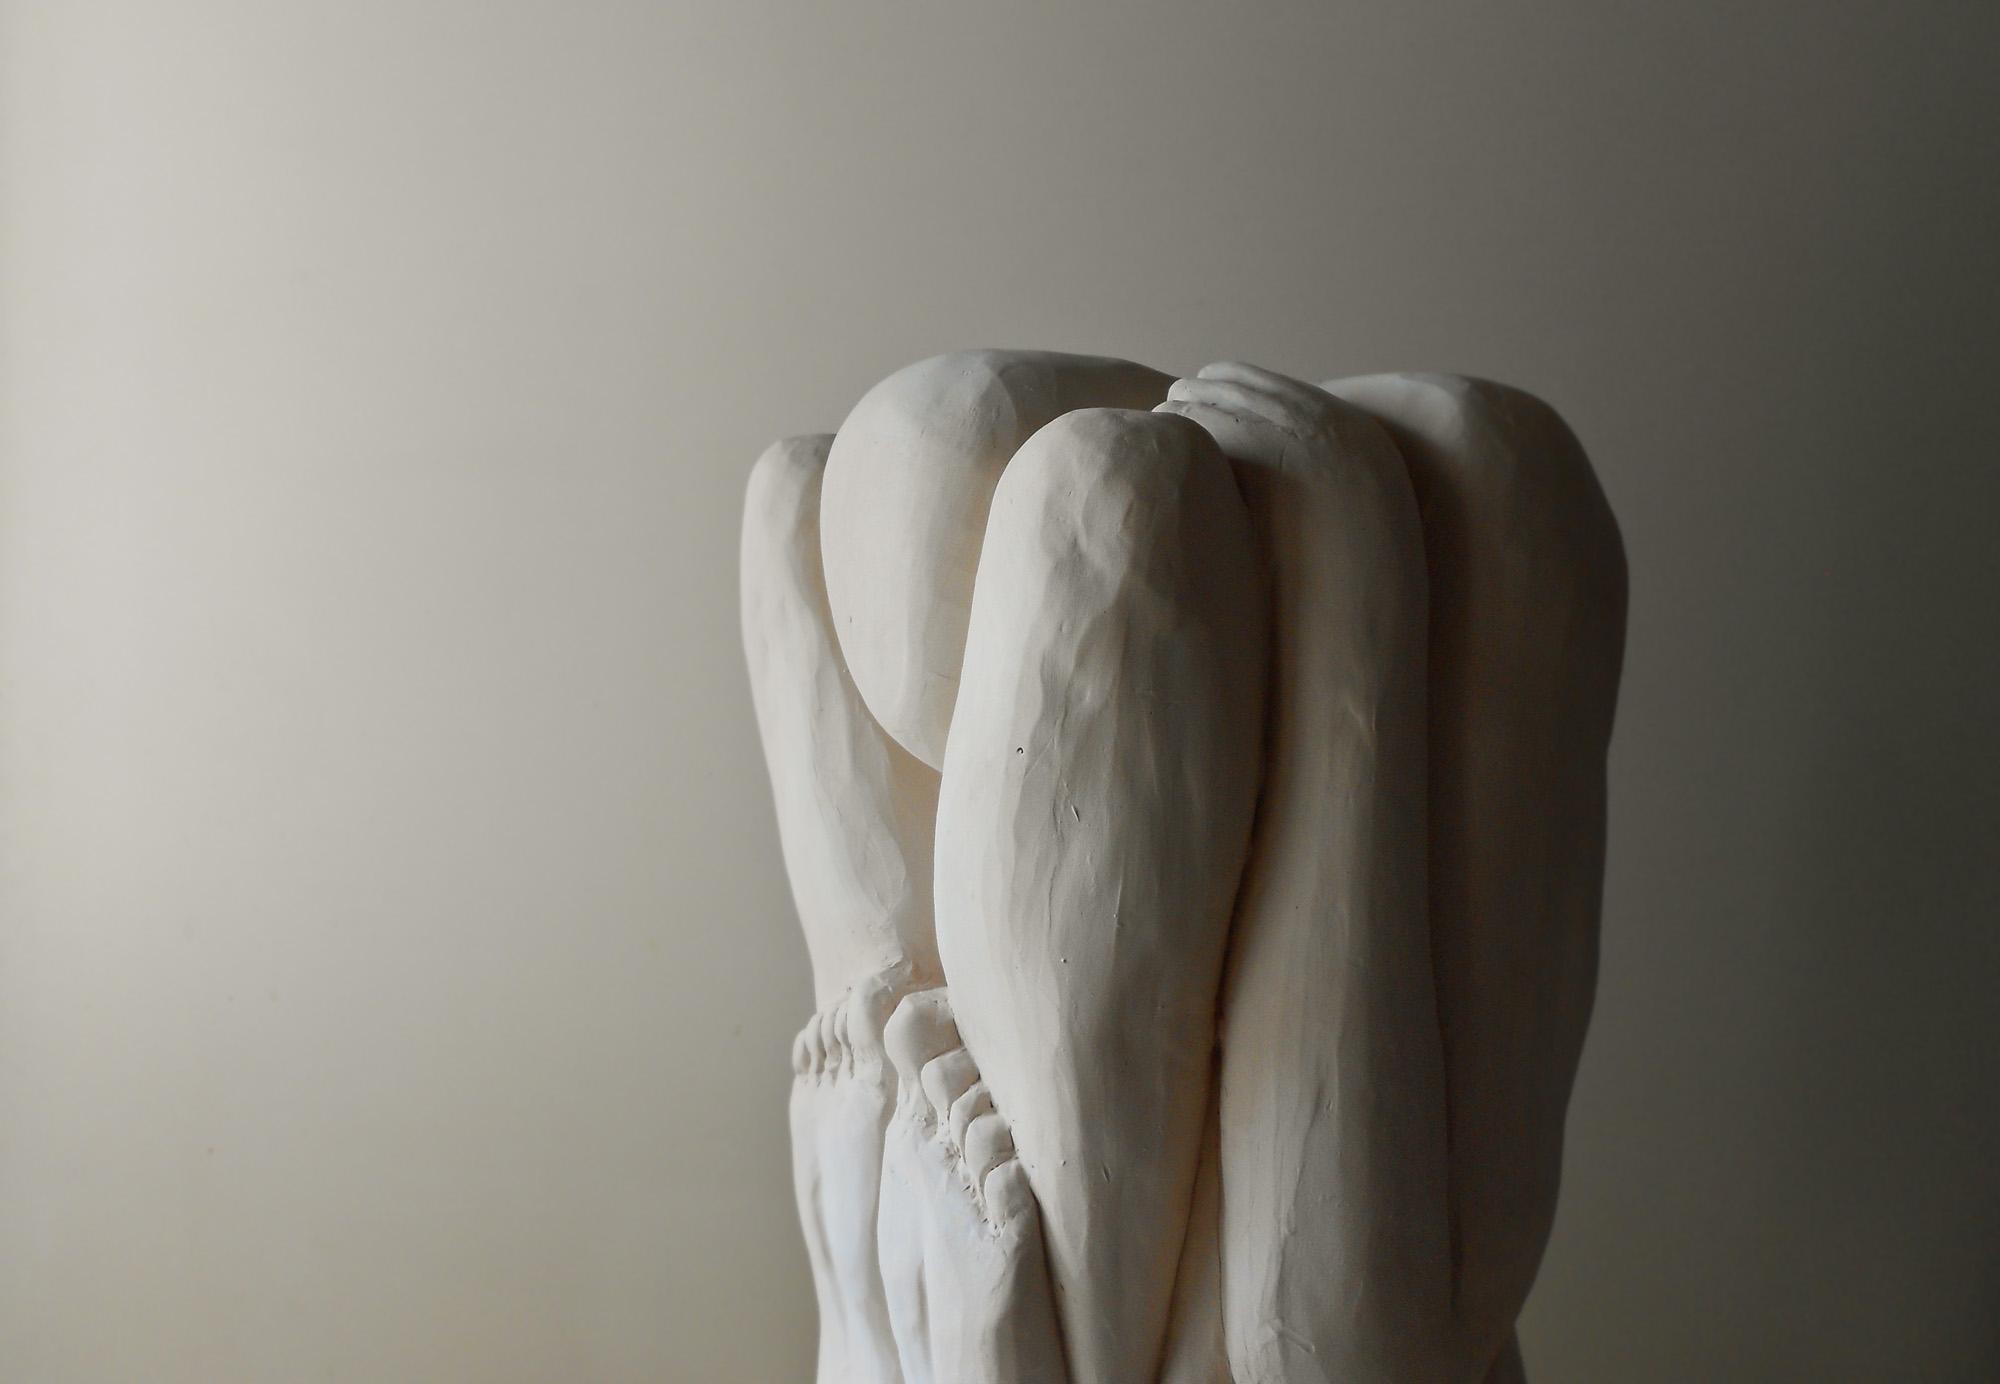 Giovanni Longo / Uomini compressi 3x3-1, 2008-2010